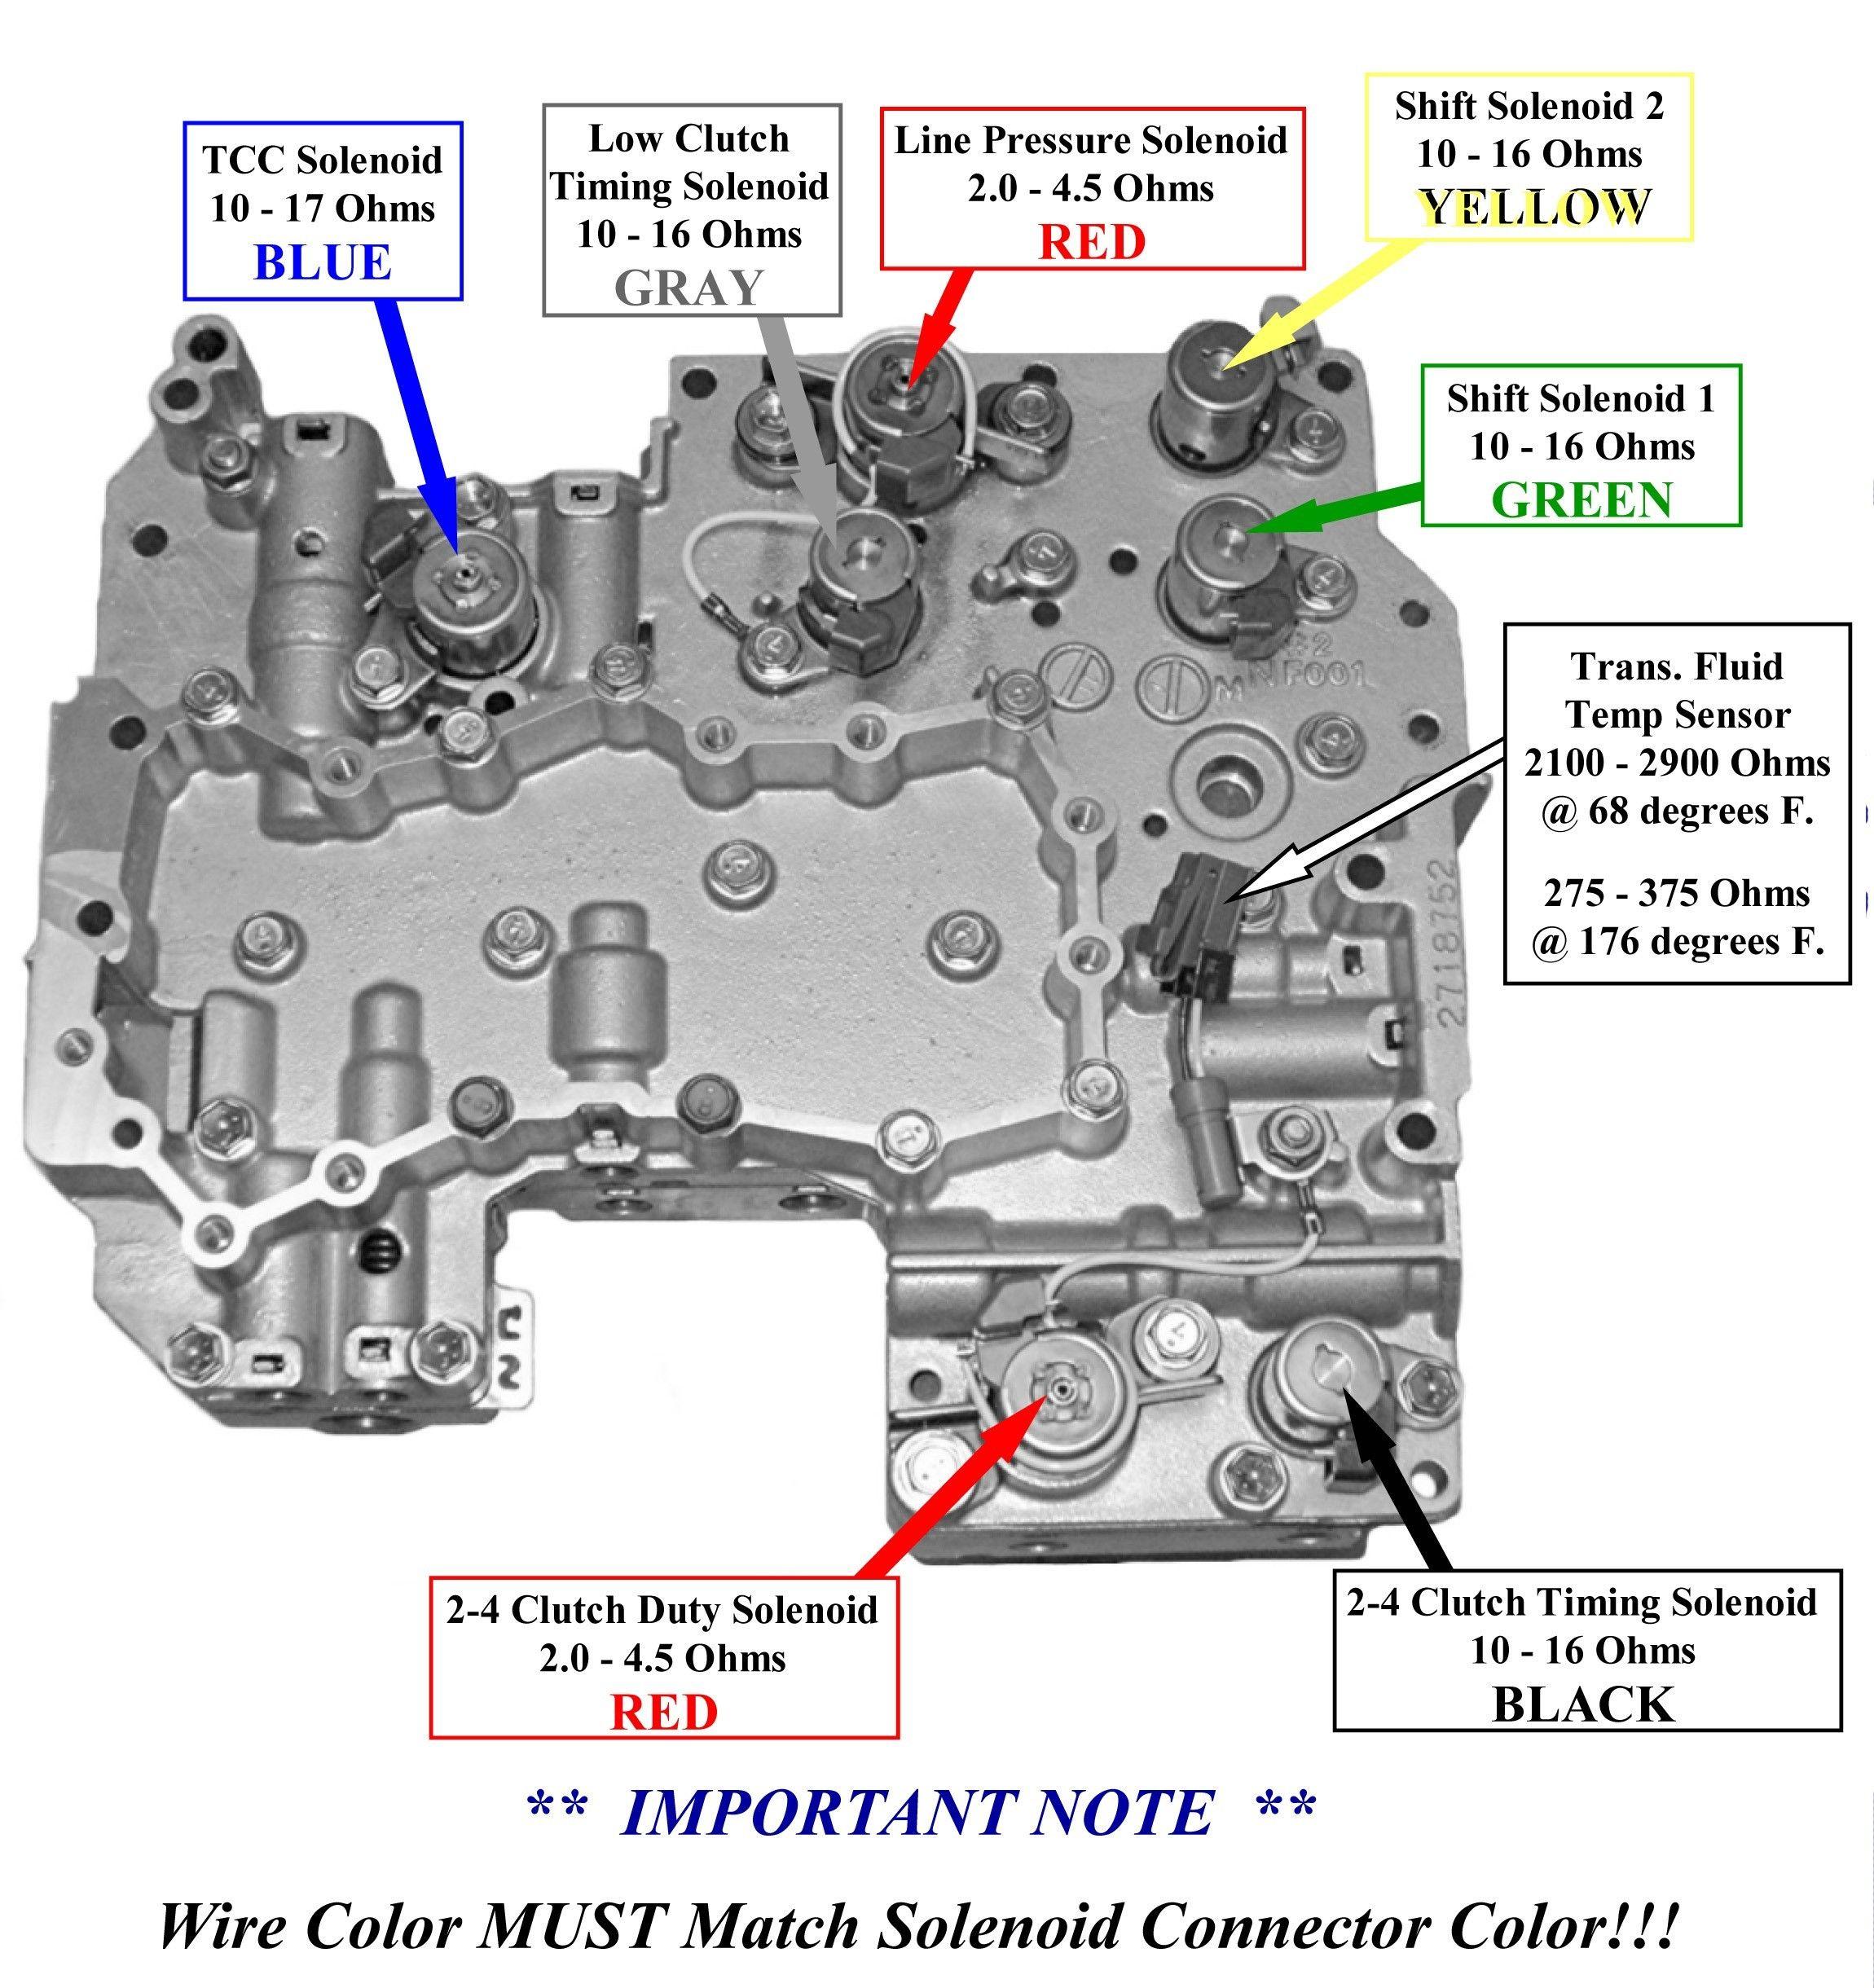 2001 Subaru Outback Parts Diagram Subaru Outback Subaru Used Subaru Outback